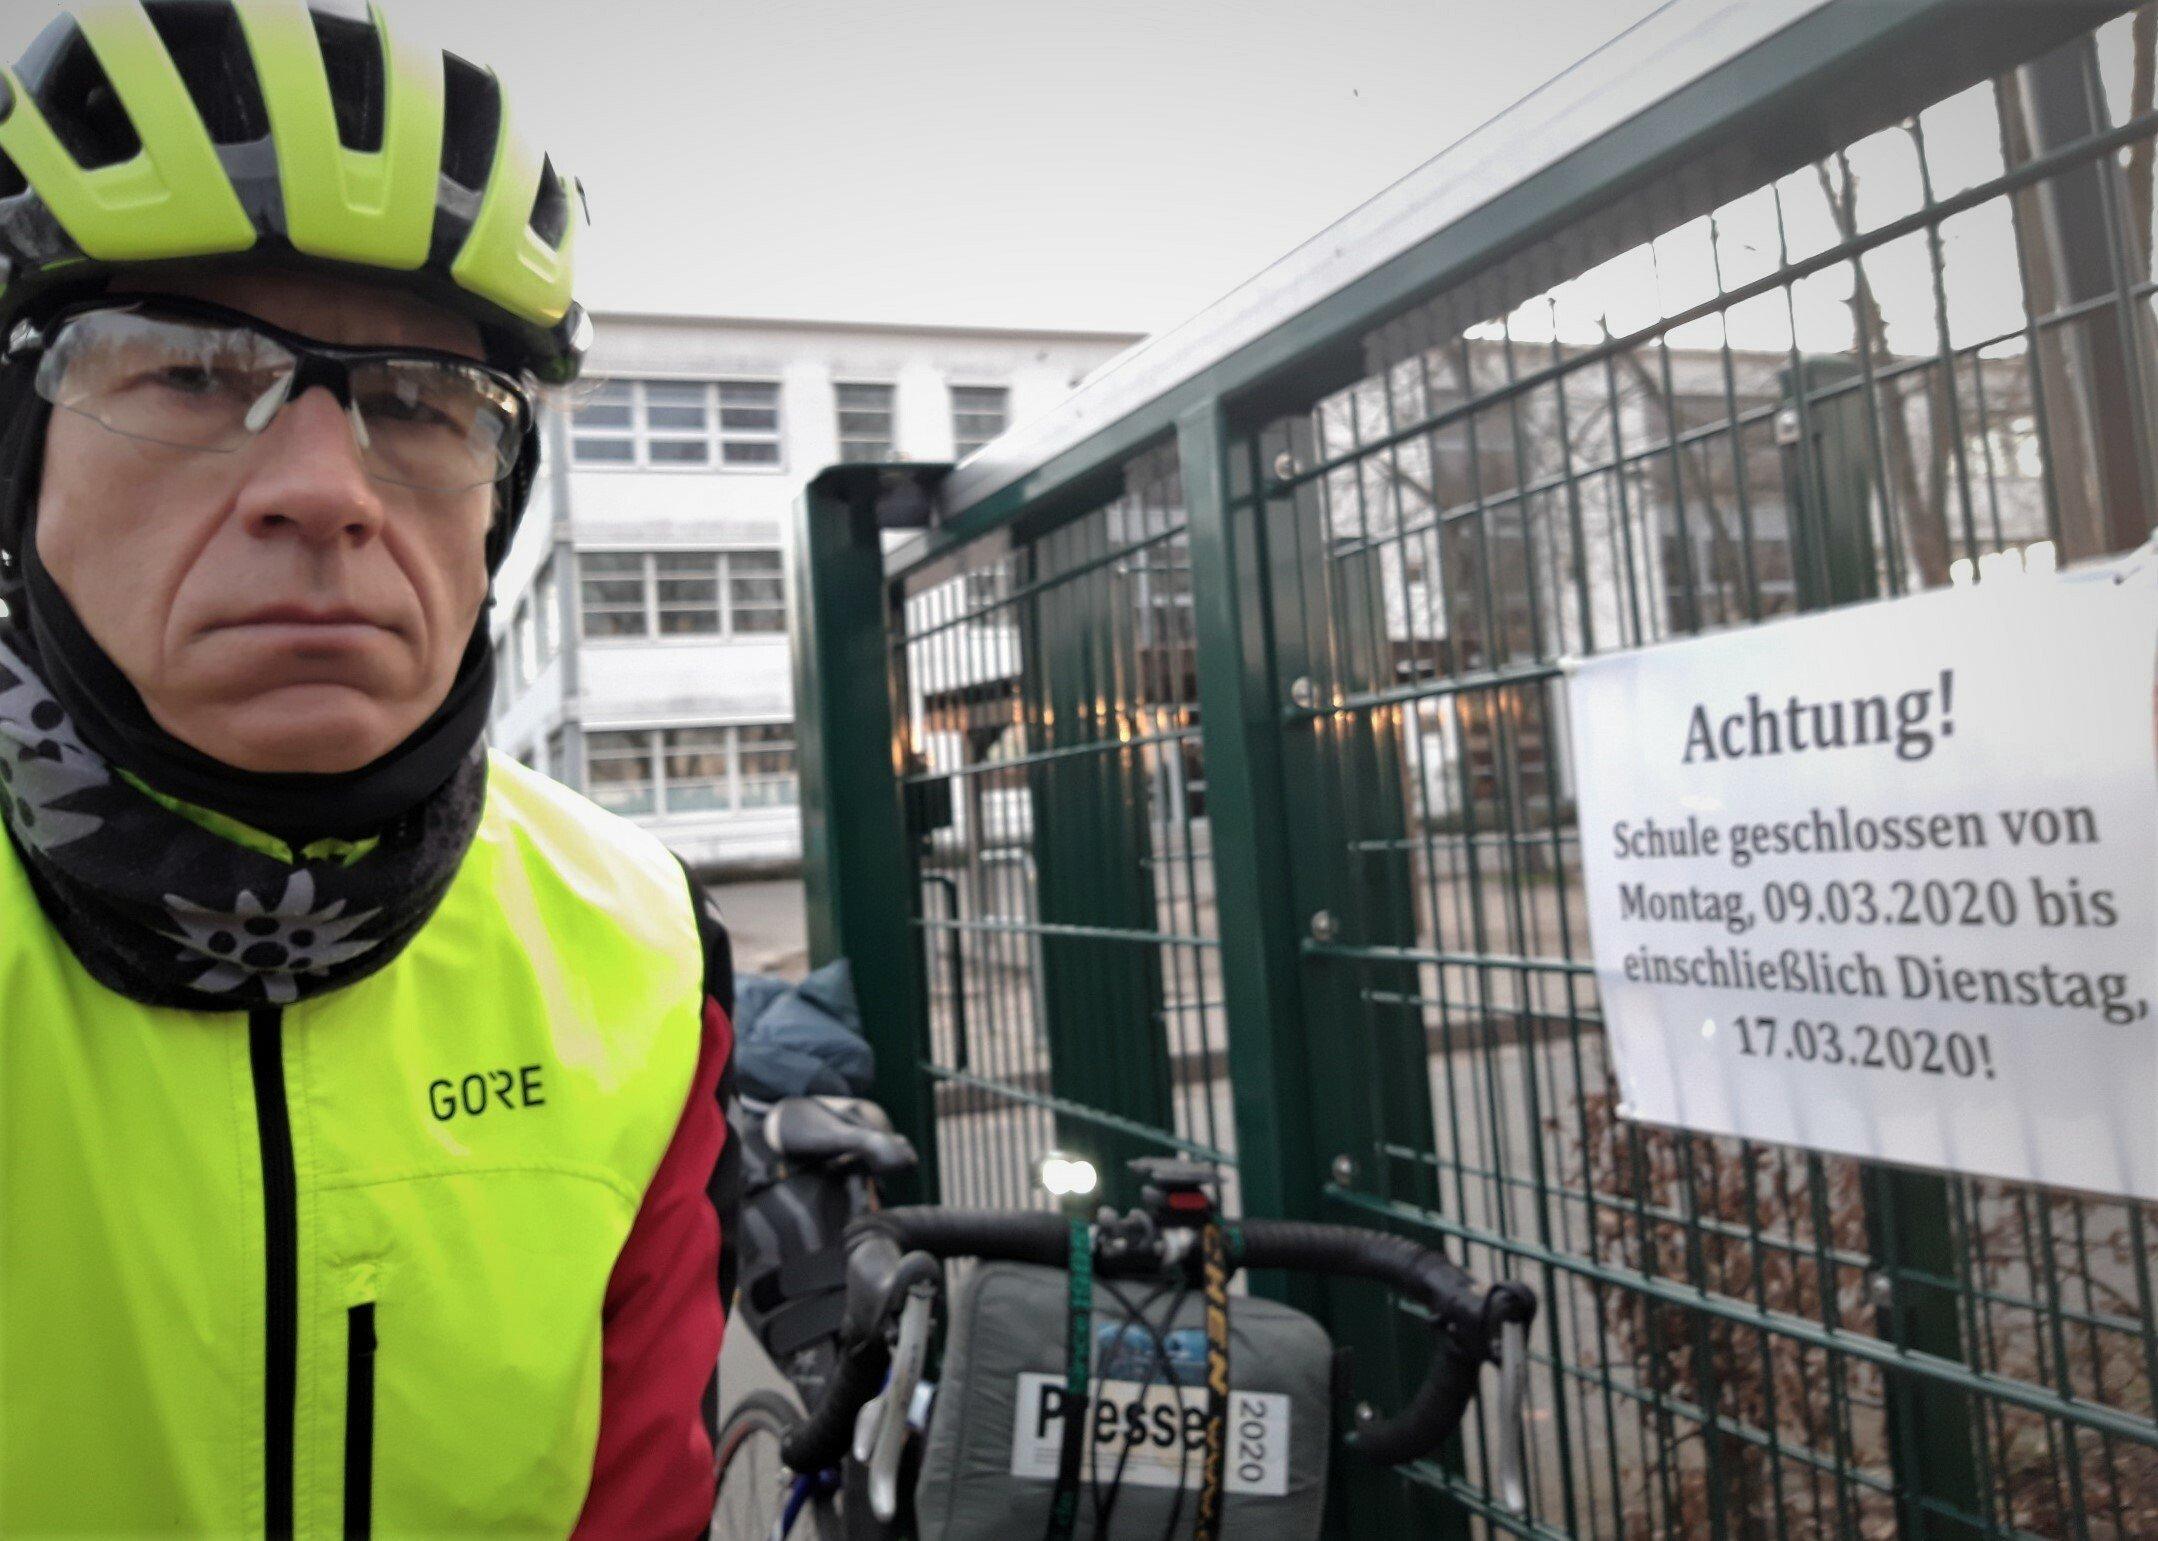 """Martin C Roos vor dem Schulgebäude. Am Zaun hängt das Schild mit der Aufschrift """"Achtung! Schule geschlossen von Montag 9.3.2020bis einschließlich Dienstag 17.3.2020!"""""""